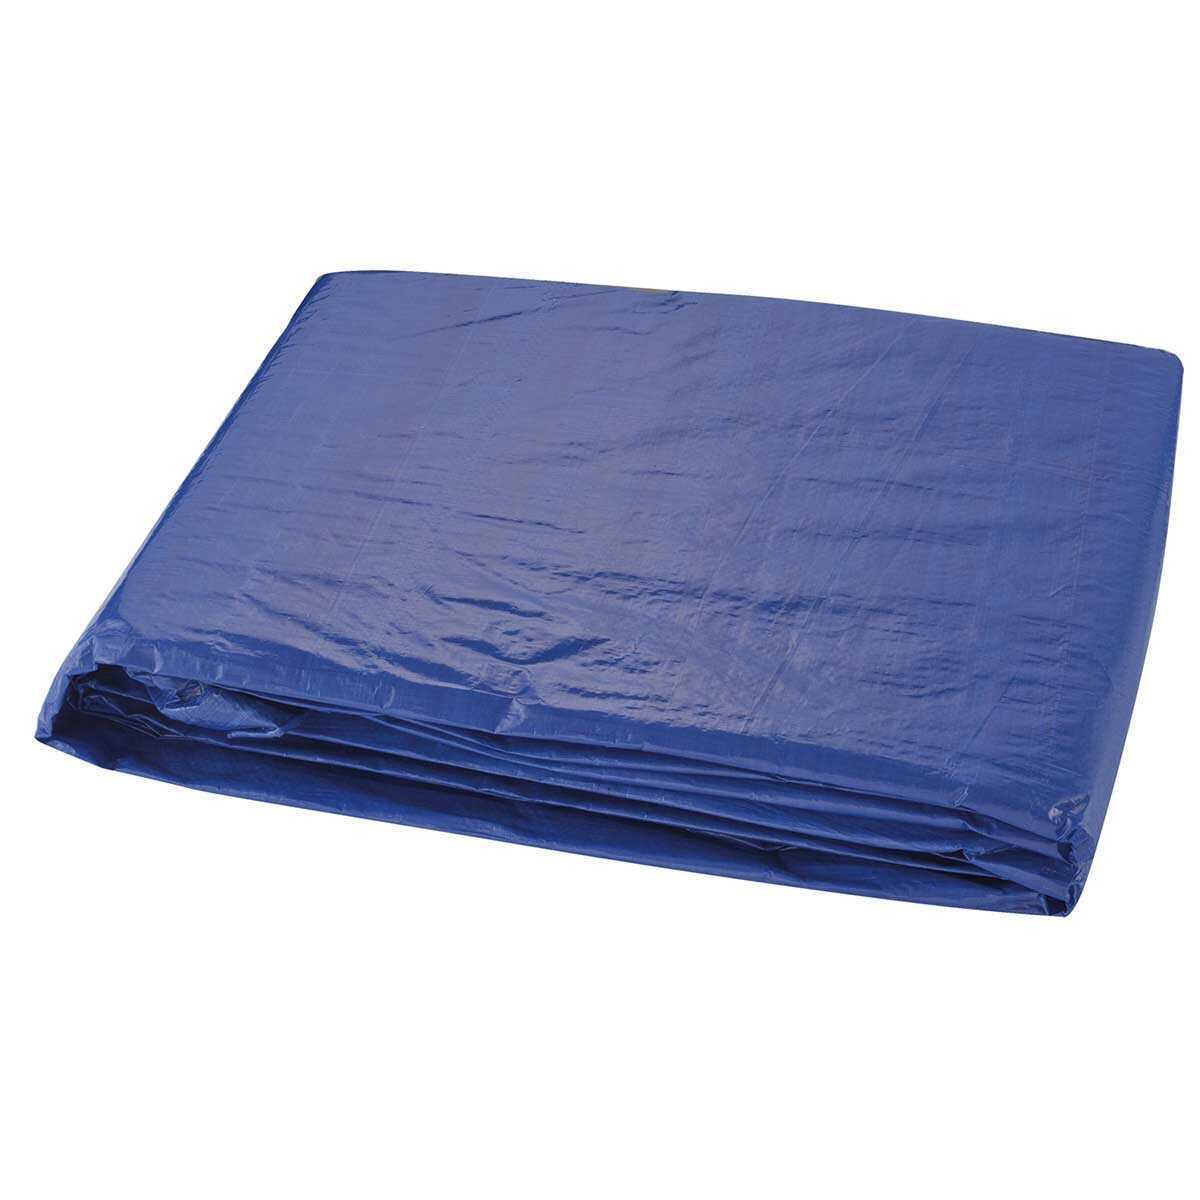 Lona Encerado Polietileno 100 Micras 8Mx6M Azul Kala